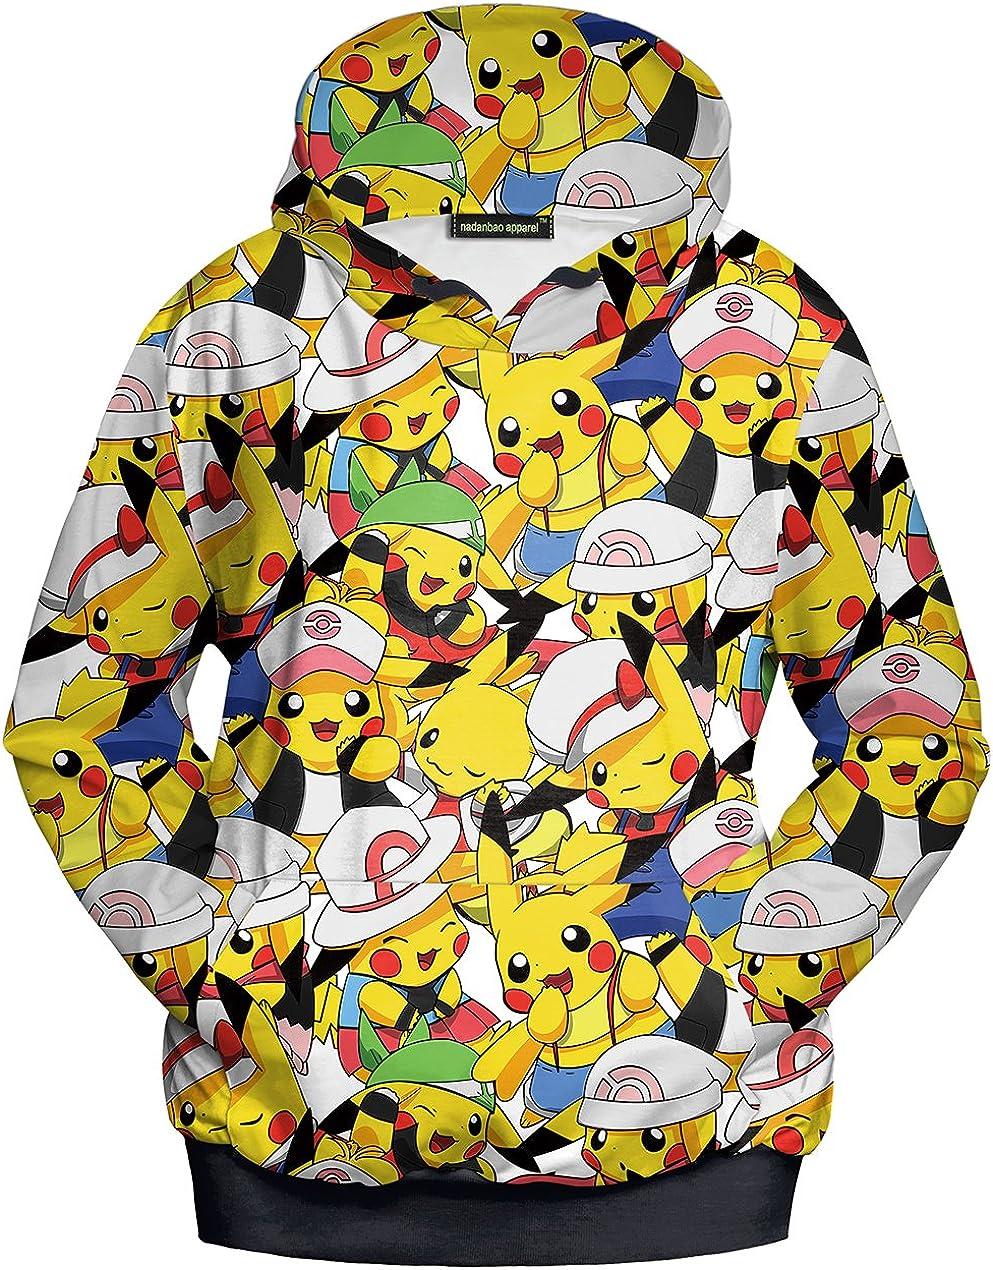 Lu&lu Men Women Cartoon Hoodie 3D Printed Sweatshirt Pullover Blouse Jacket S-XL